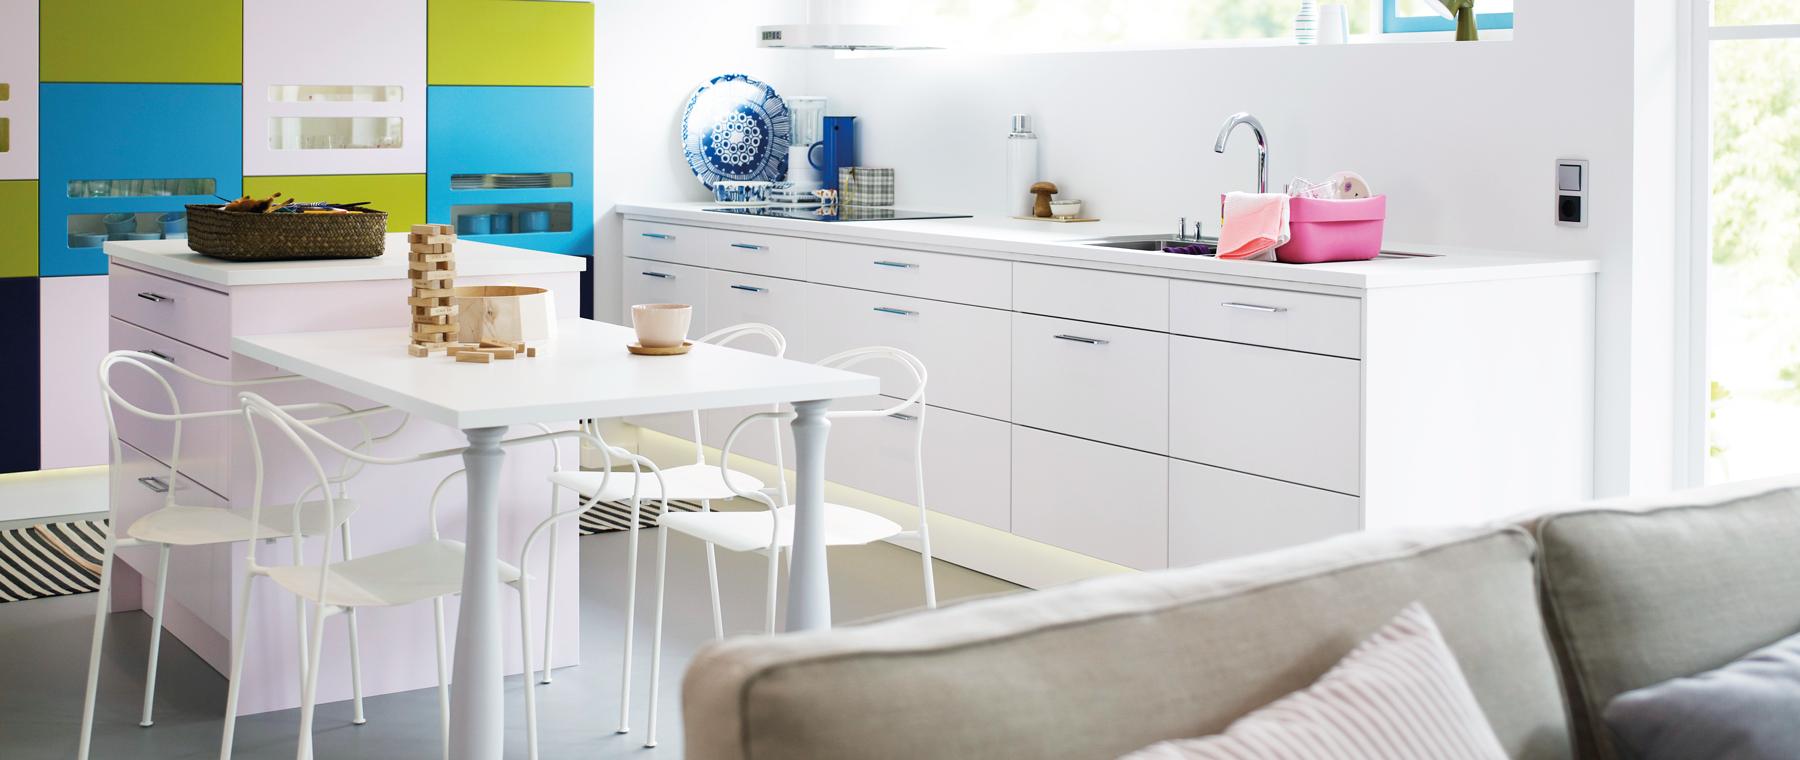 Annika kökslucka målad - Nytt kök badrum och tvättstuga - Vedum ...